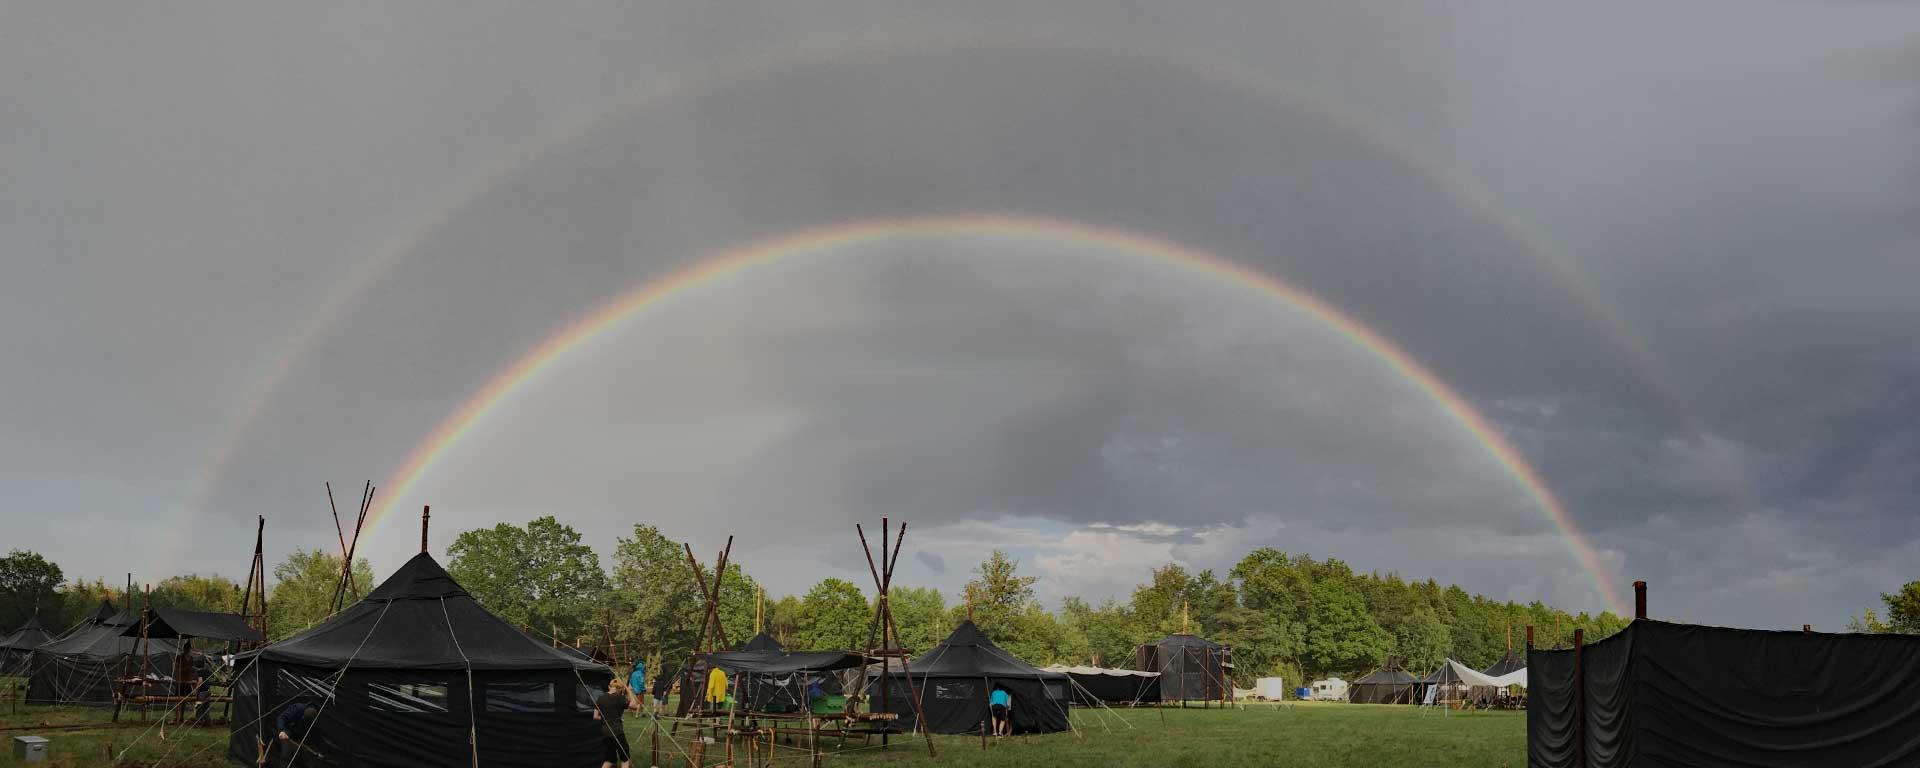 Gigantischer Regenbogen über unserem Camp